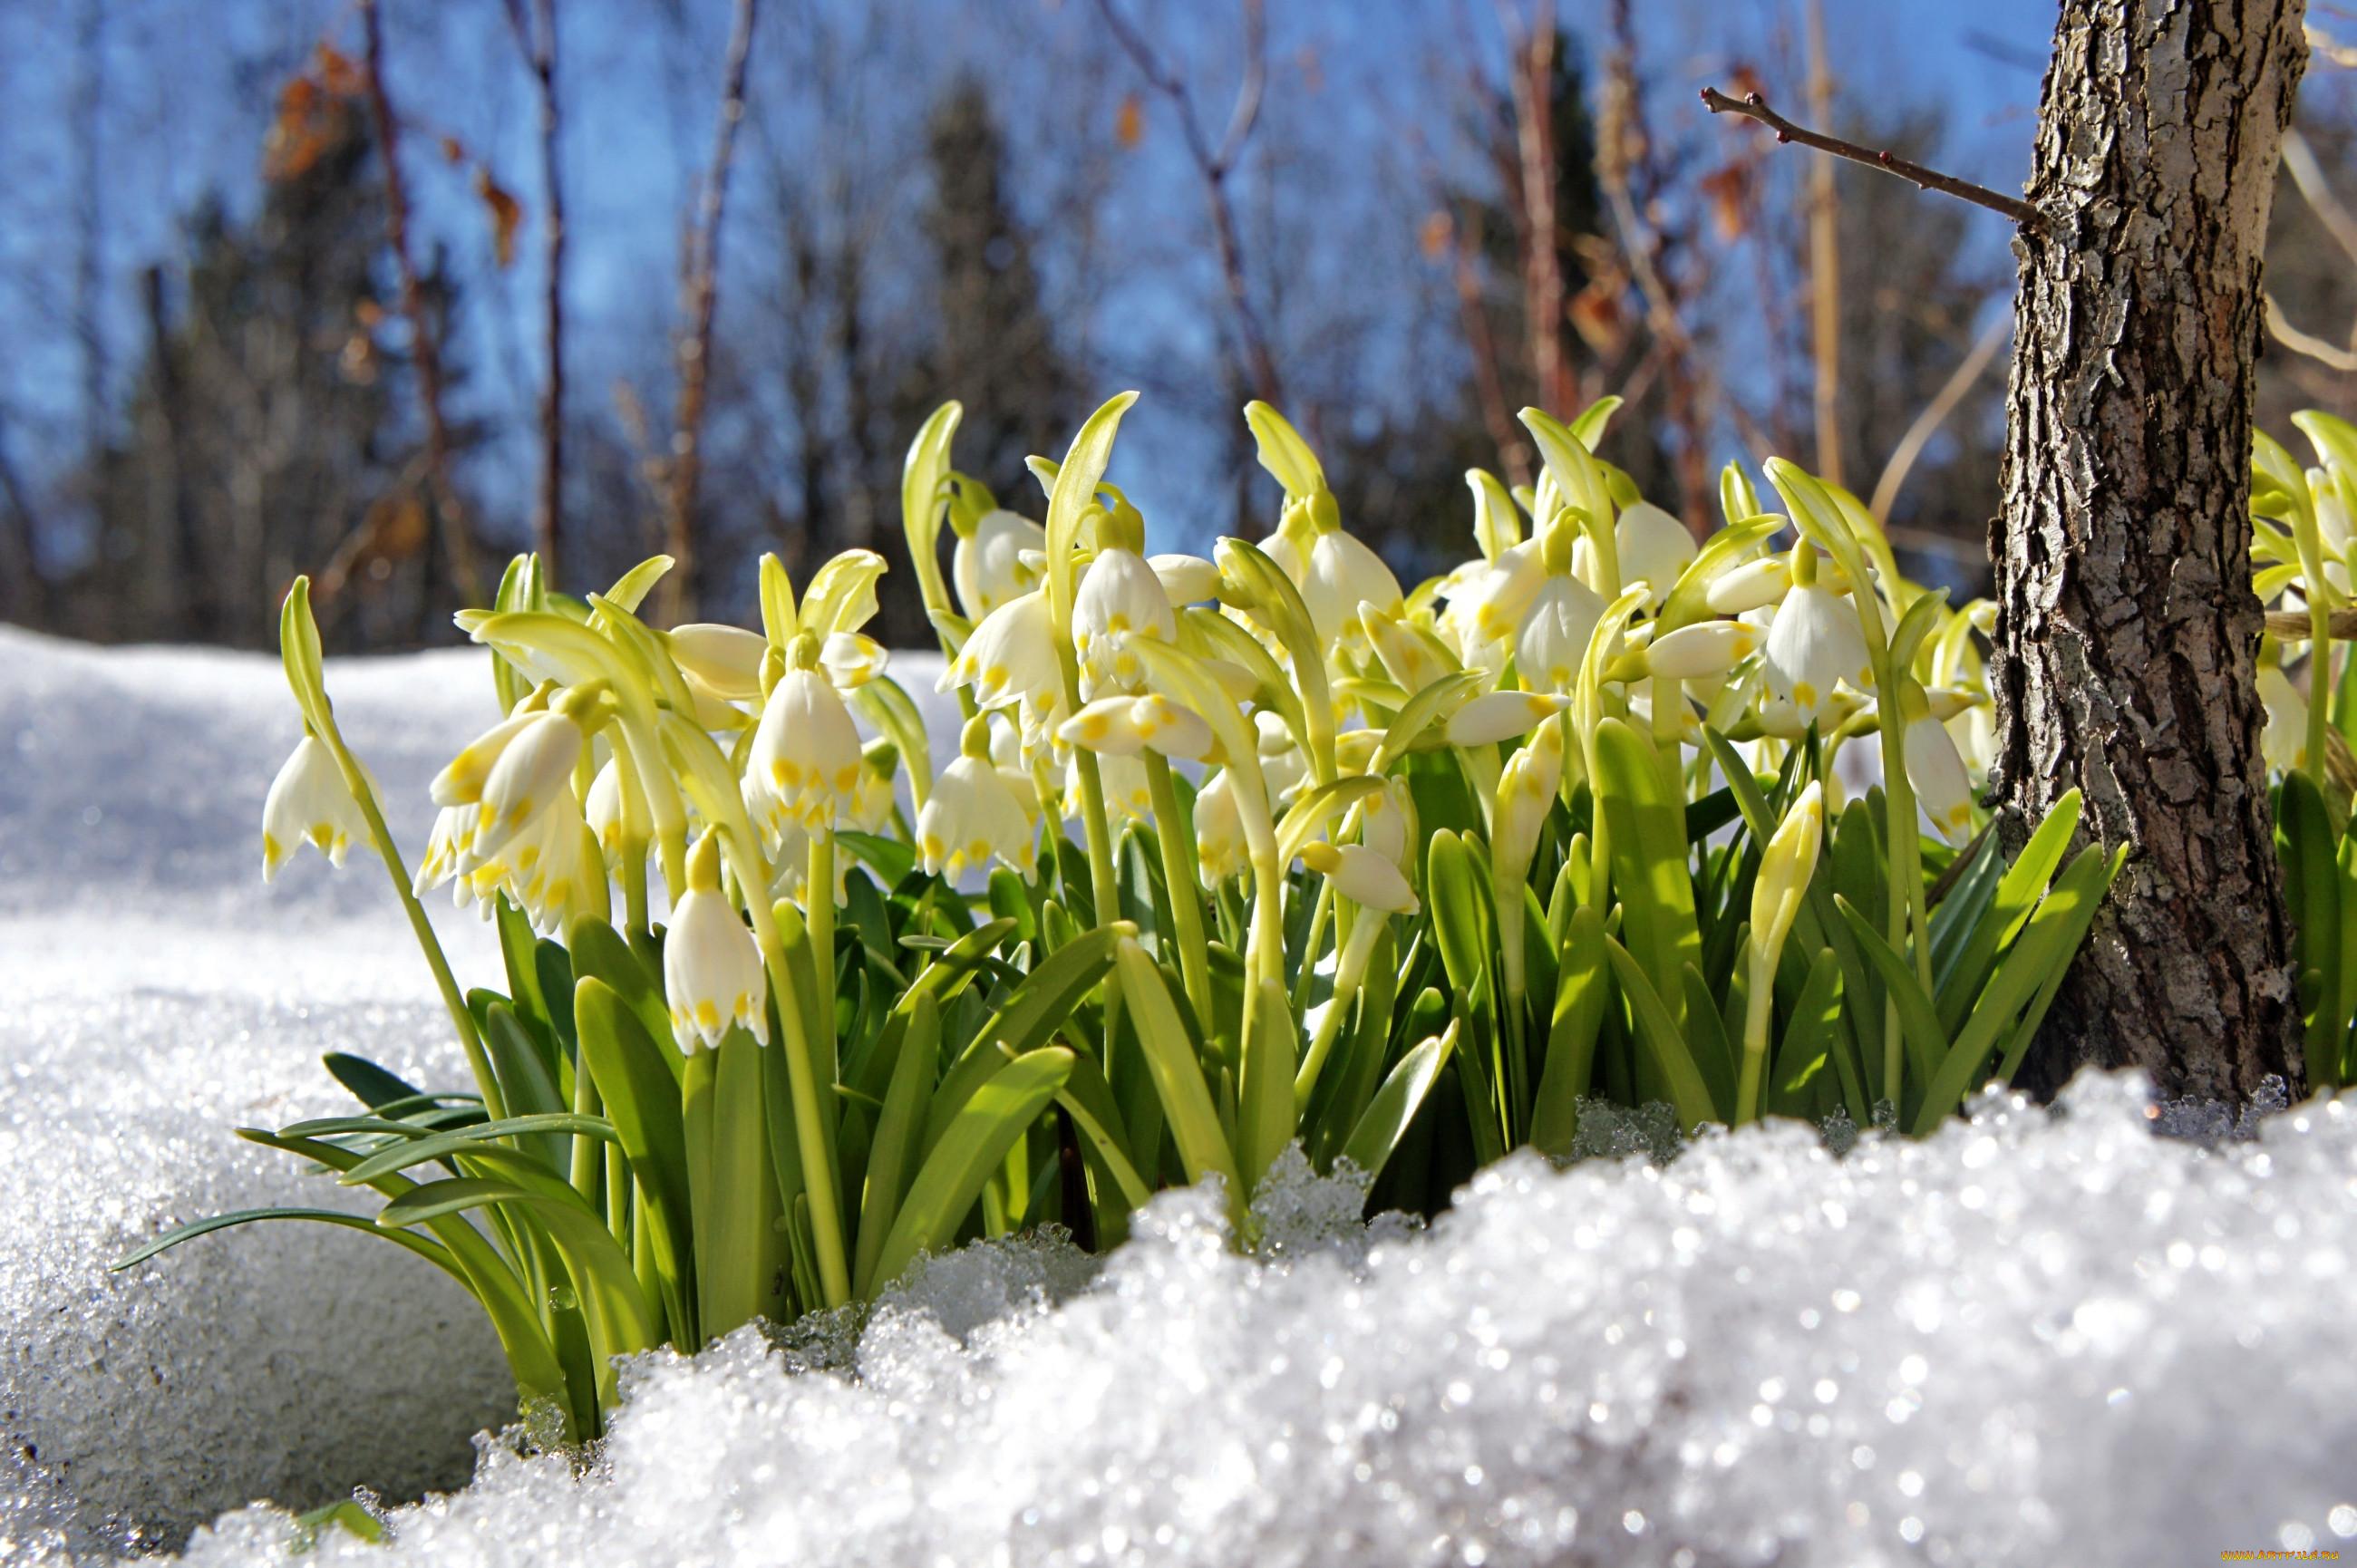 оказалось картинки подснежники в снегу на рабочий стол молодых